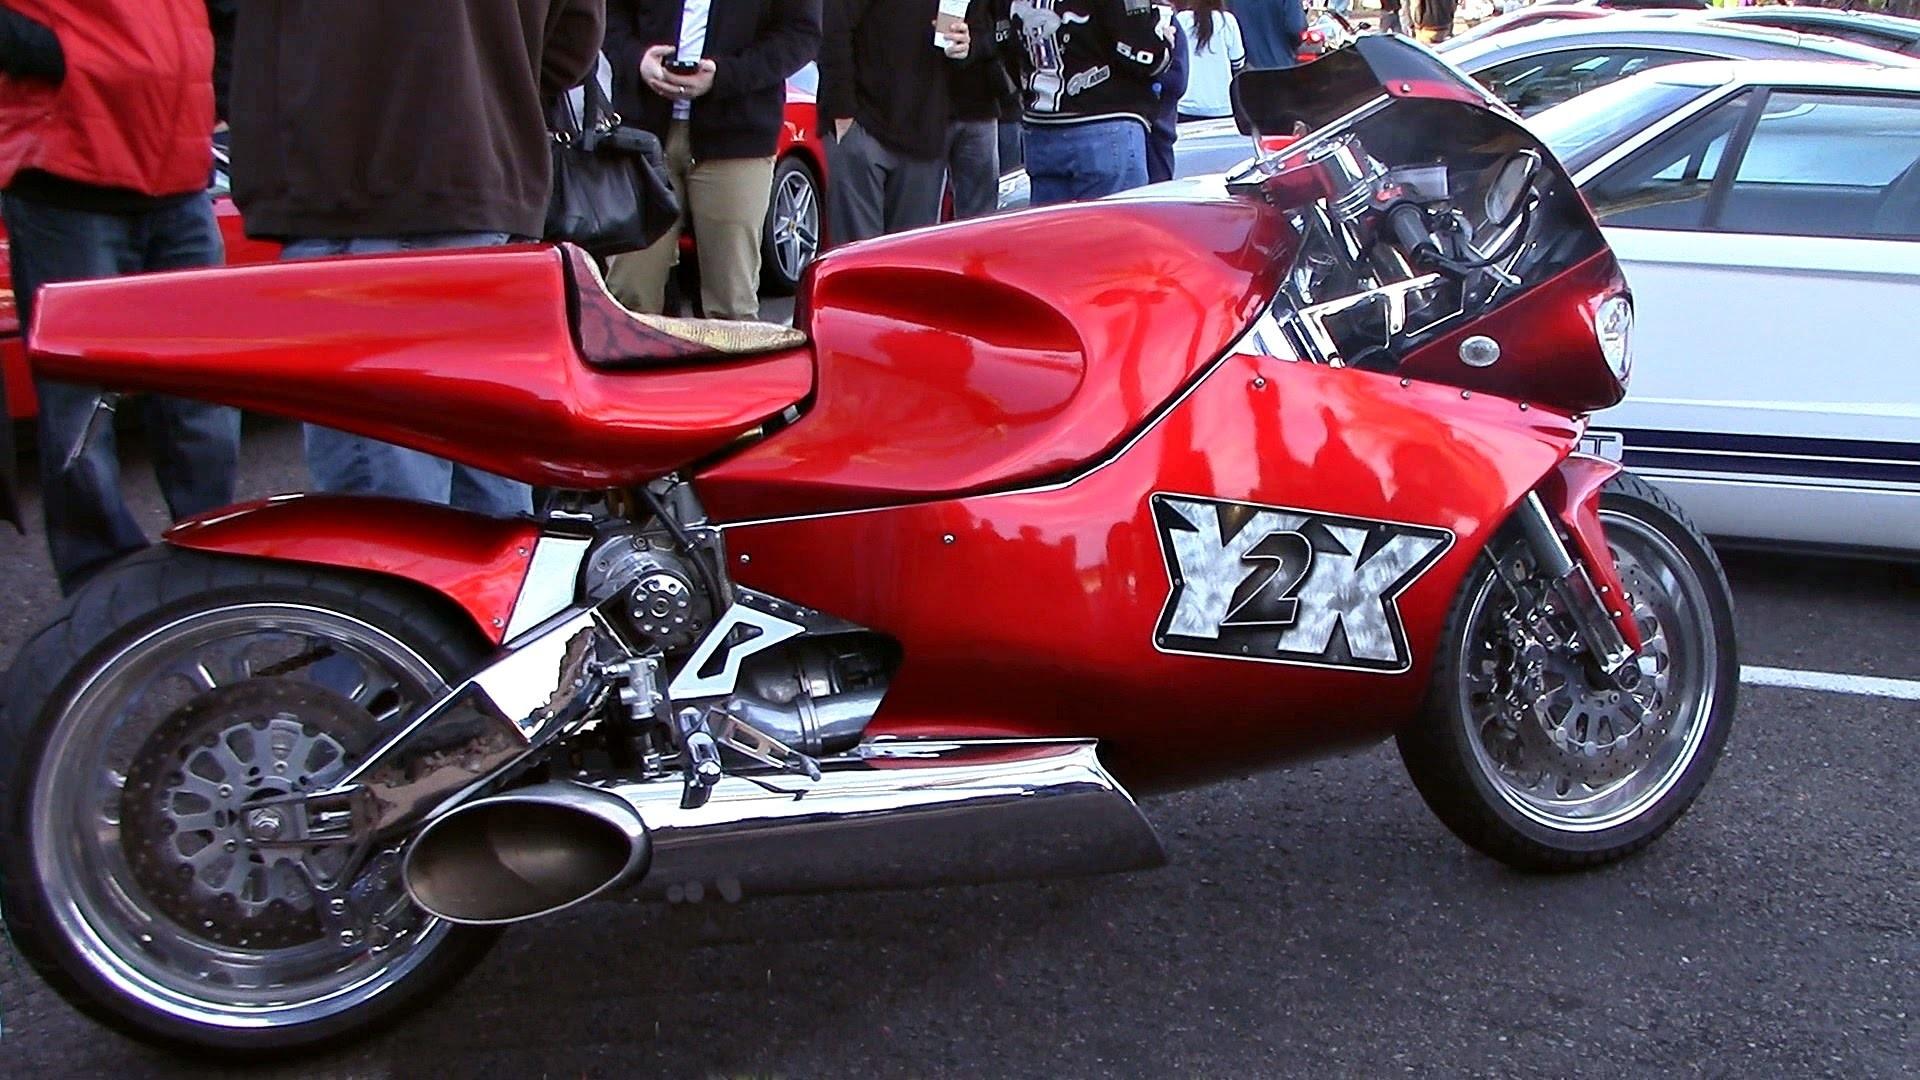 hinh nen sieu xe moto 52